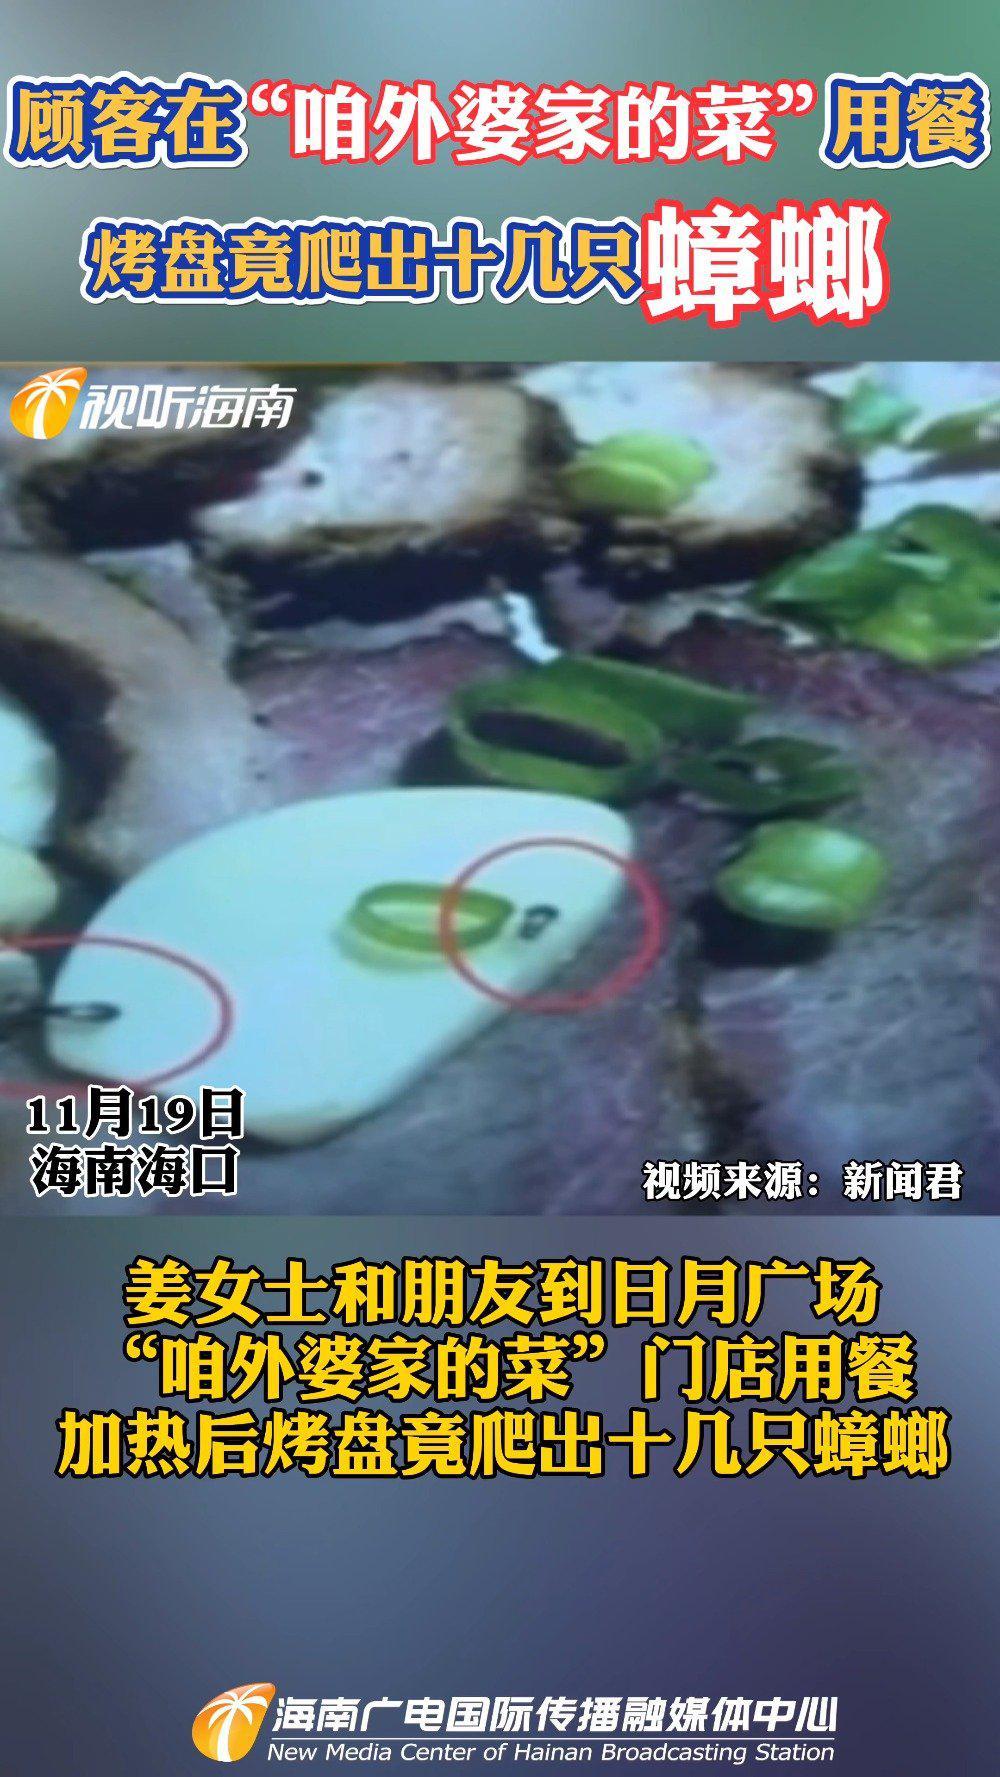 顾客在咱外婆家的菜用餐 烤盘竟爬出十几只蟑螂